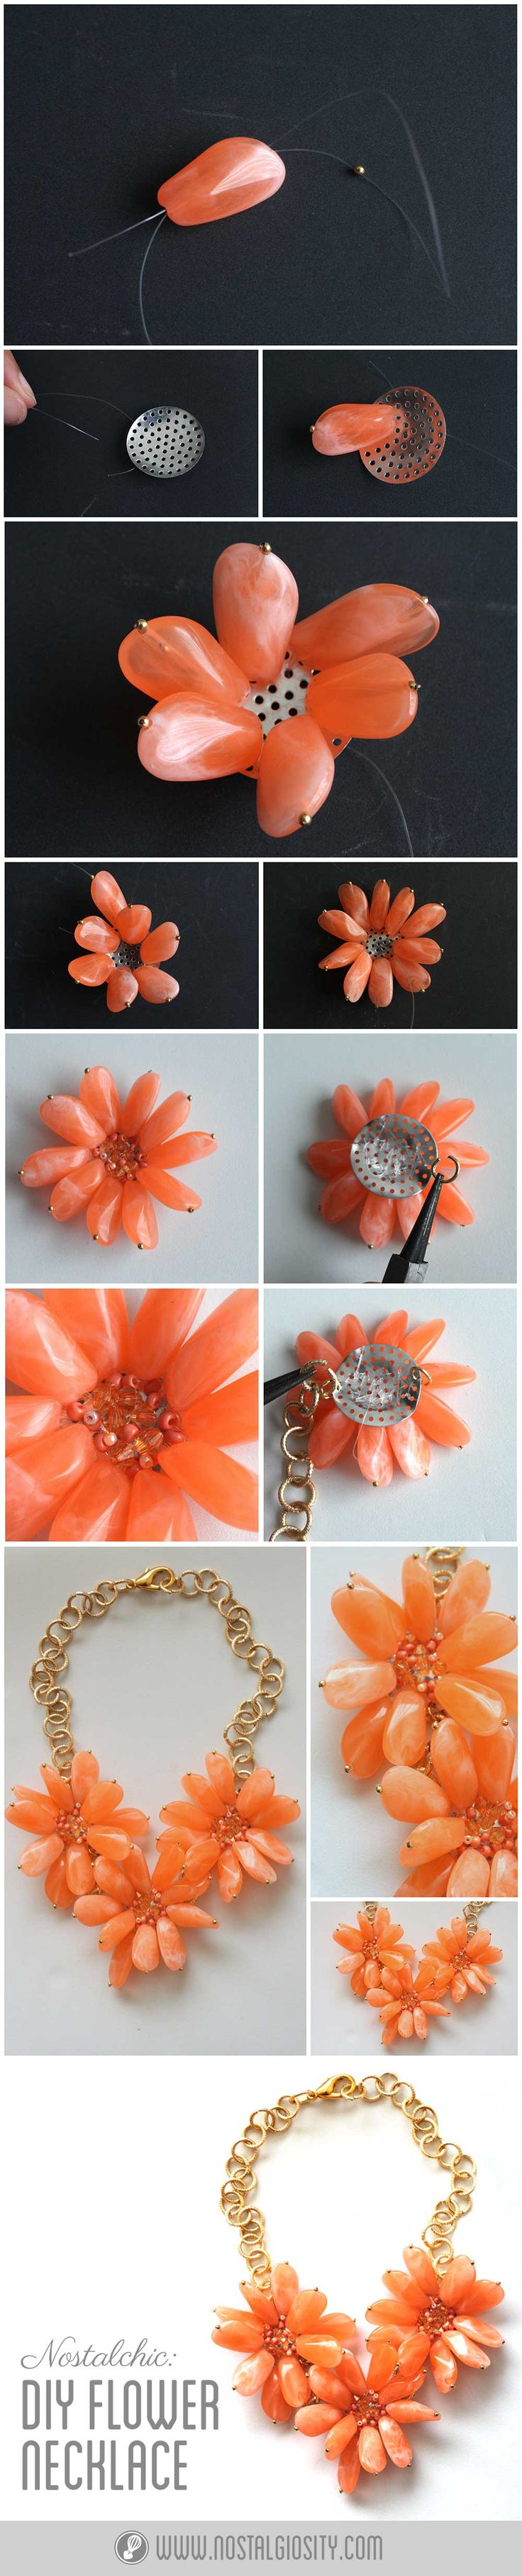 DIY Flower Statement Necklace